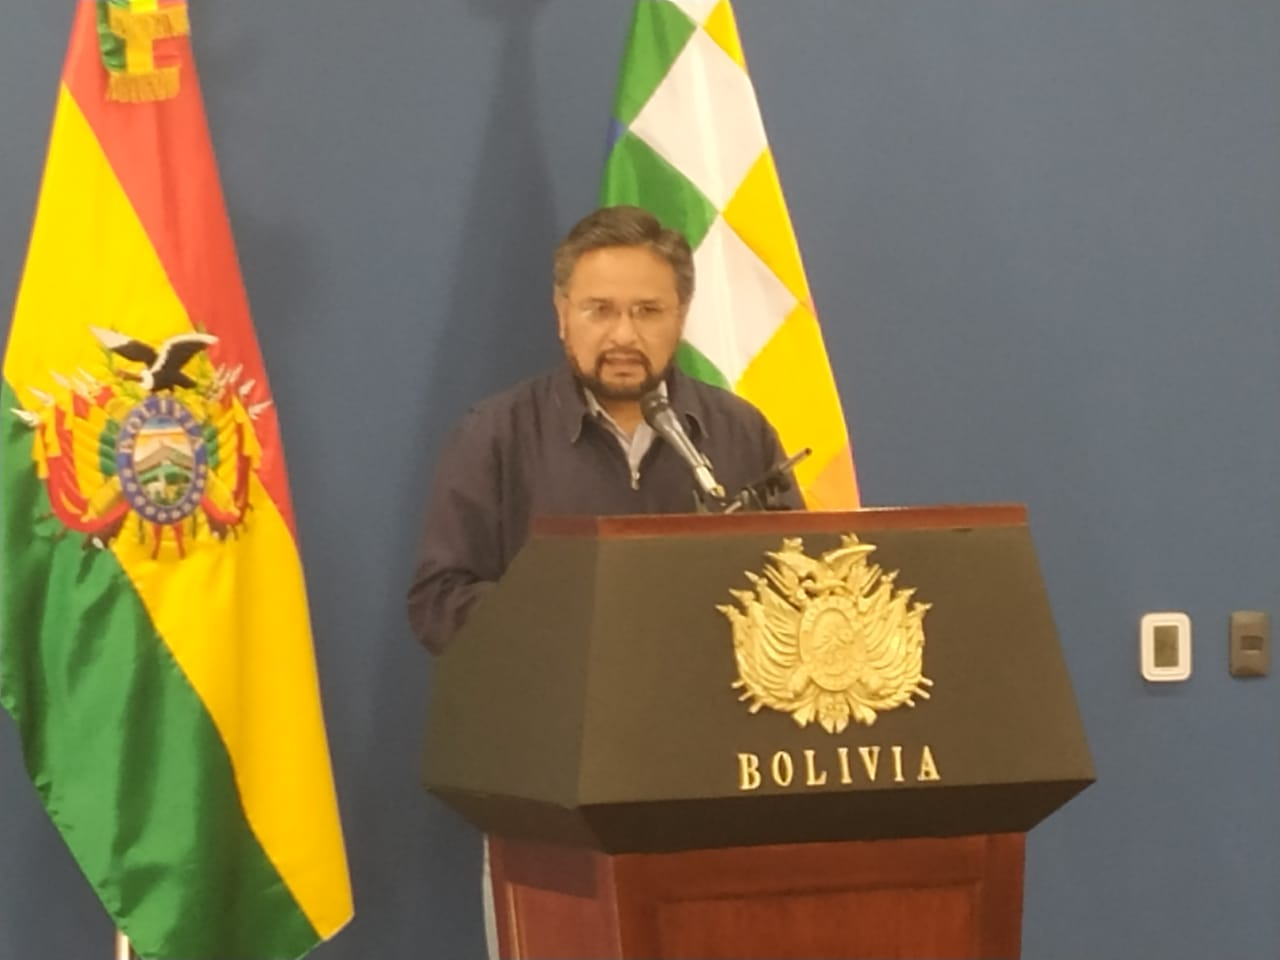 Rada asegura que Morales se encuentra en Venezuela no solo por su compromiso ideológico sino también en cumplimiento a la CPE